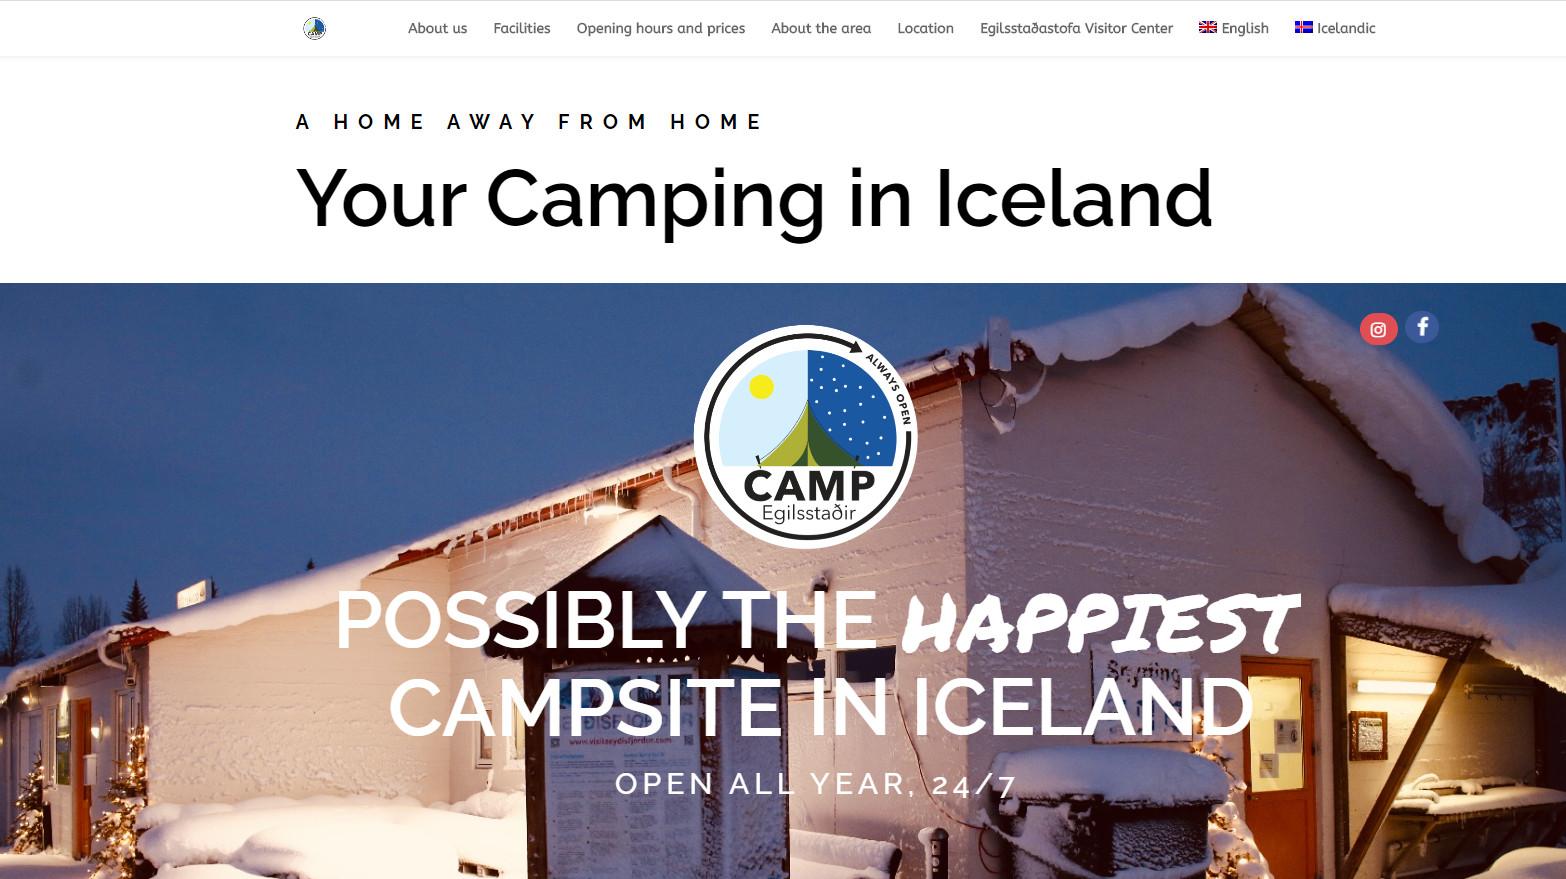 Wykonanie strony internetowej. Przykład realizacji. Campegilsstadir